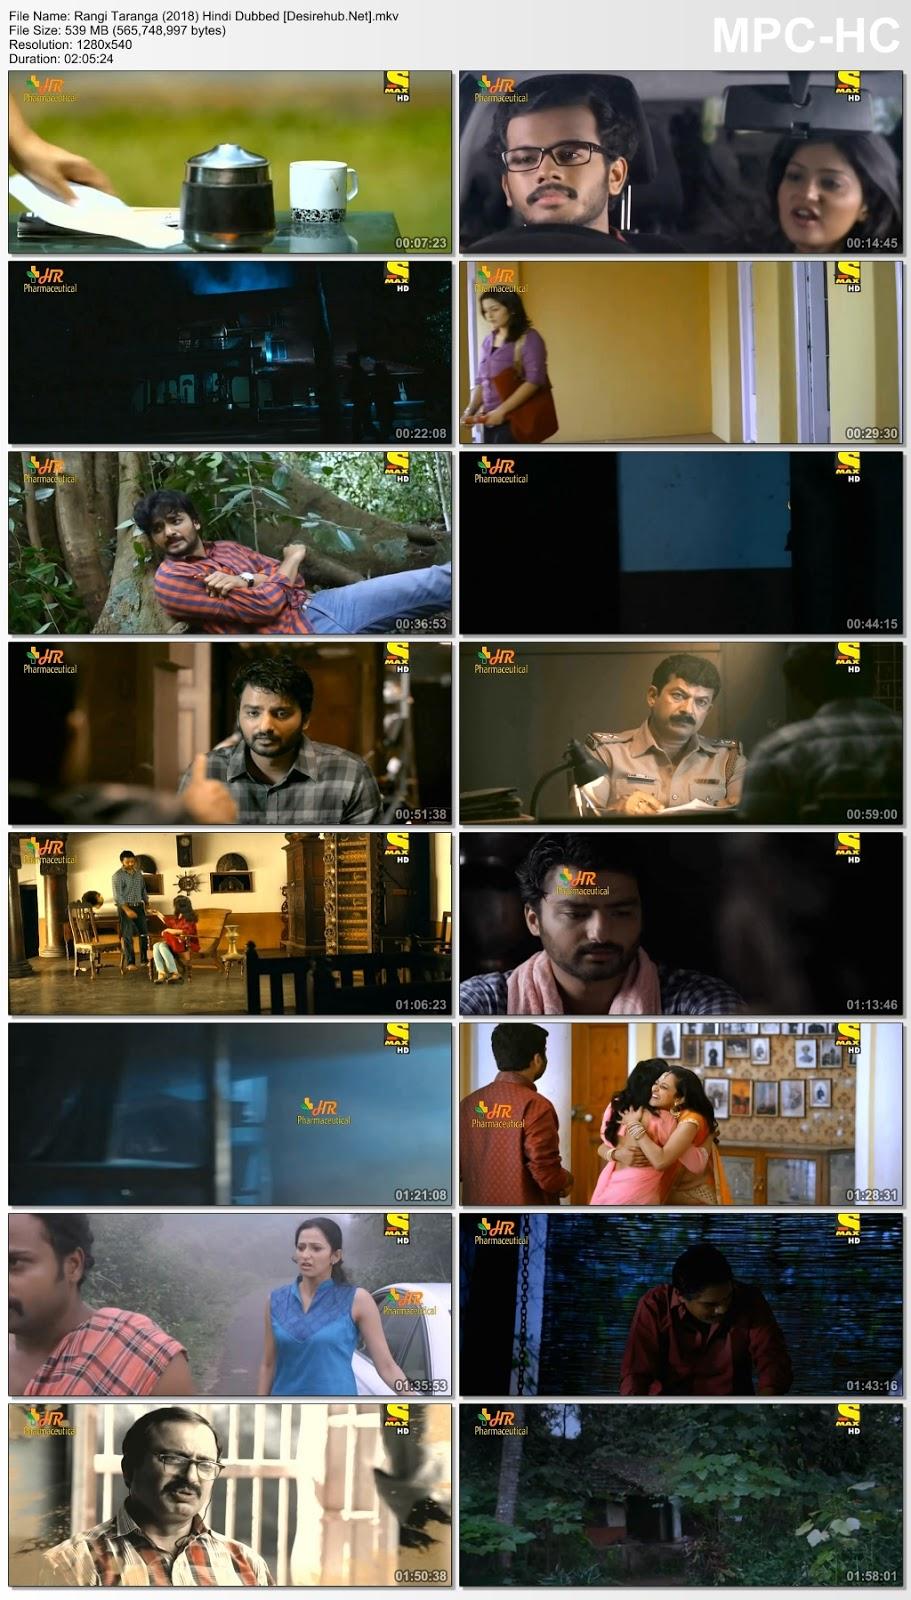 Rangi Taranga (2018) Hindi Dubbed 720p HDTVRip – 550MB Desirehub